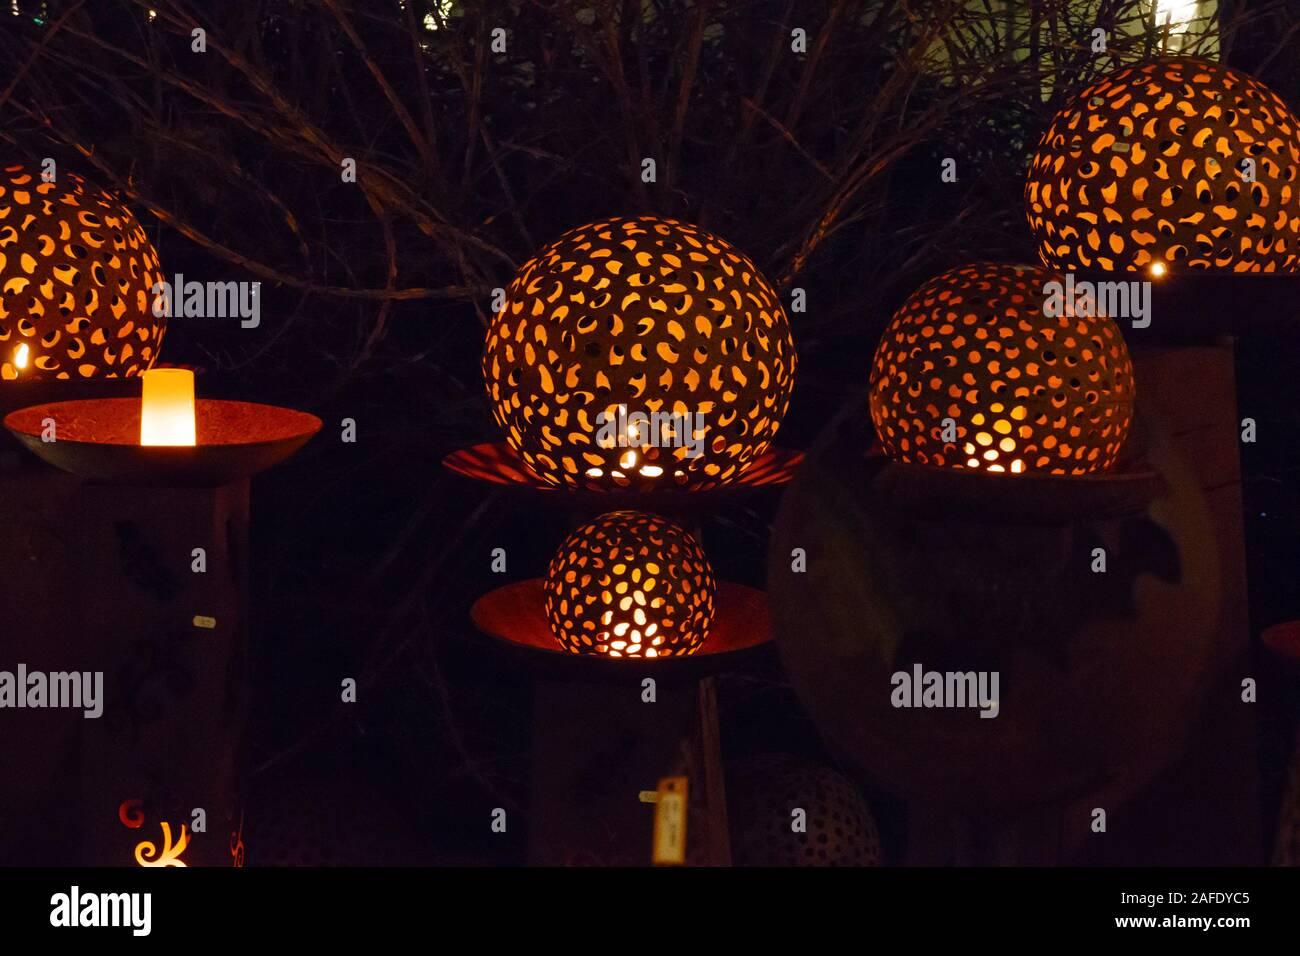 Beleuchtete Kugeln, Lichtspiele auf dem Weihnachtsmarkt in Baden-Baden Stock Photo